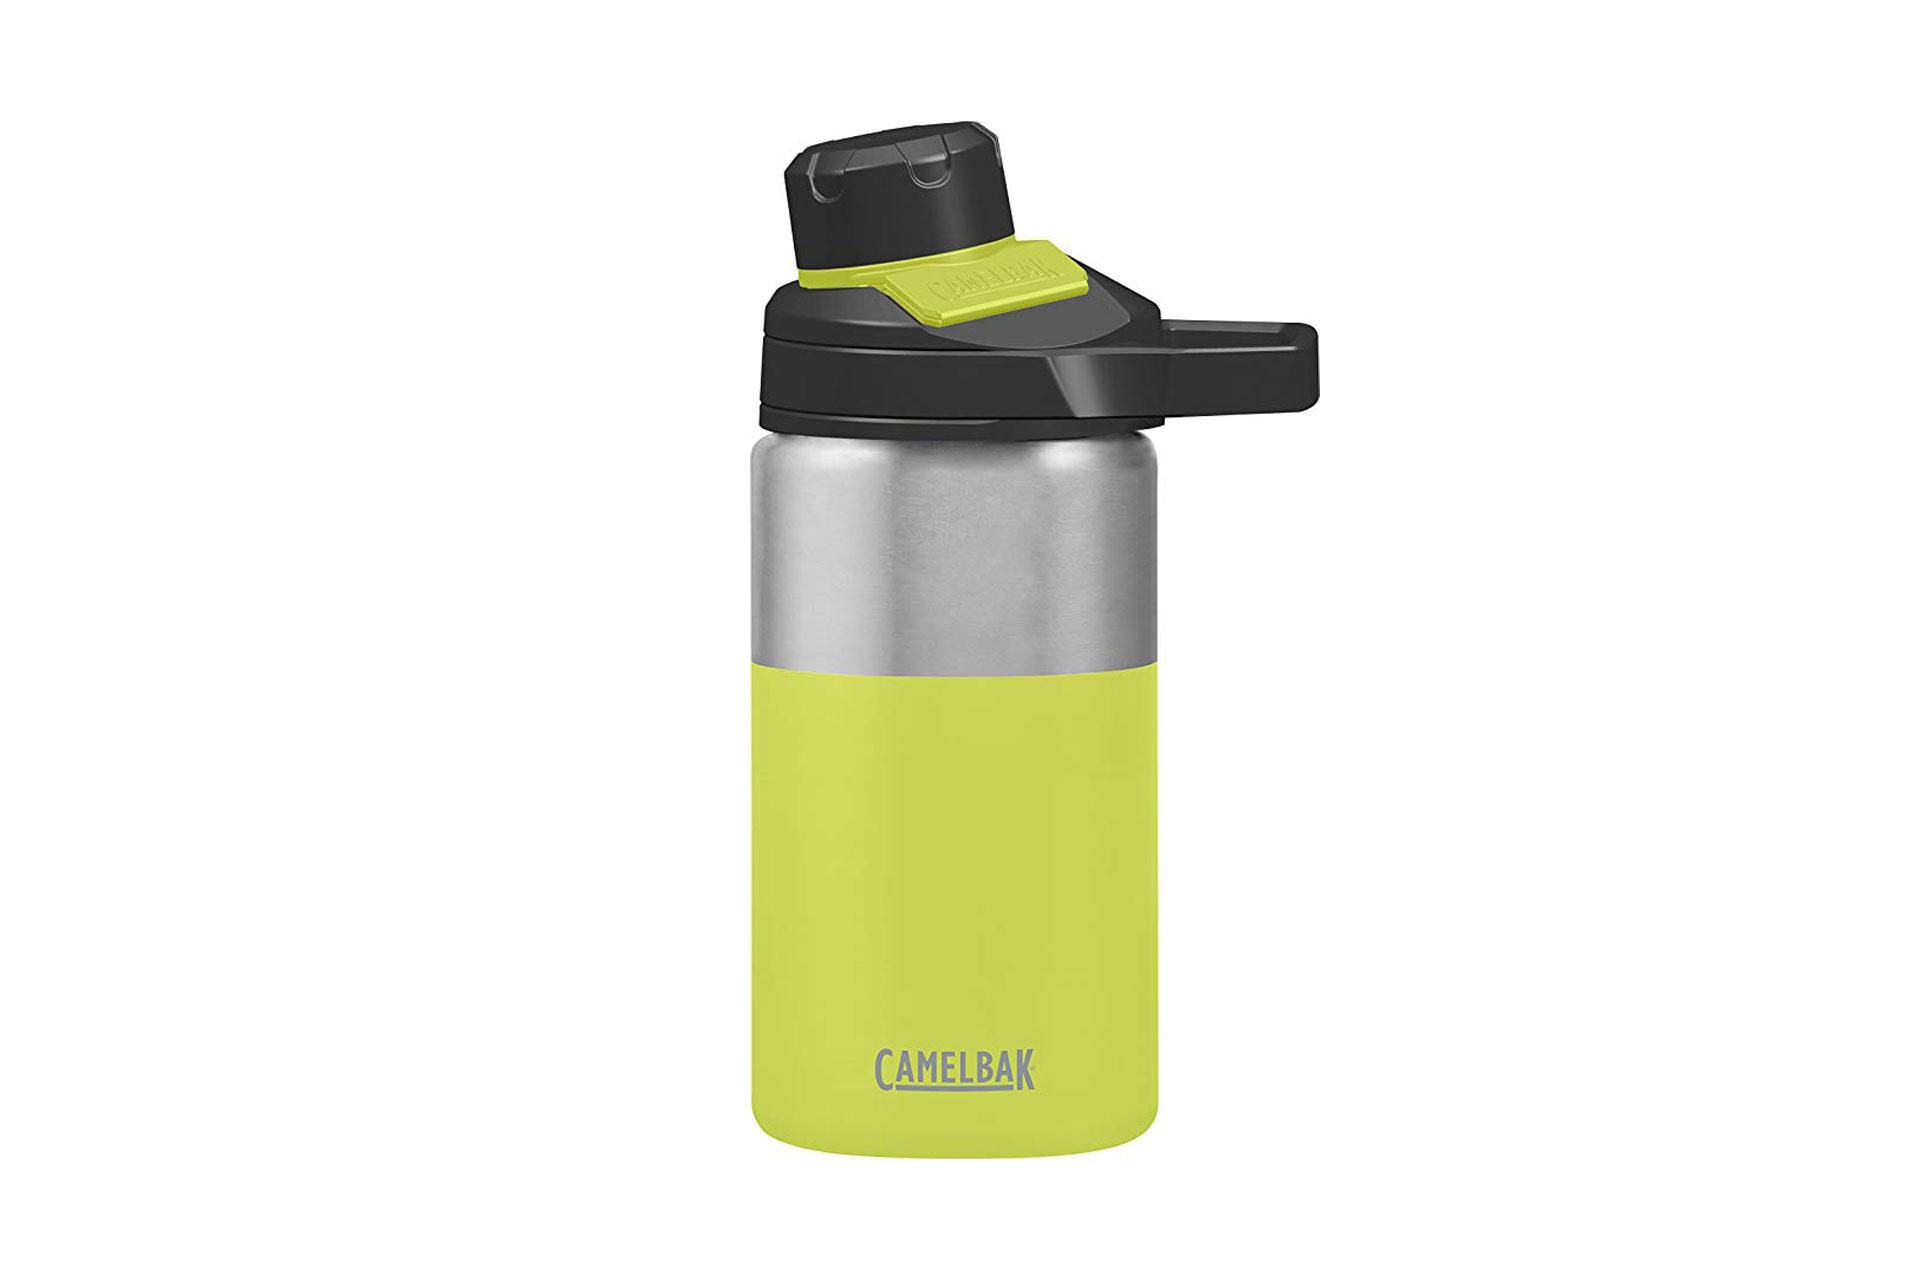 CamelBak Chute Mag Water Bottle; Courtesy of Amazon